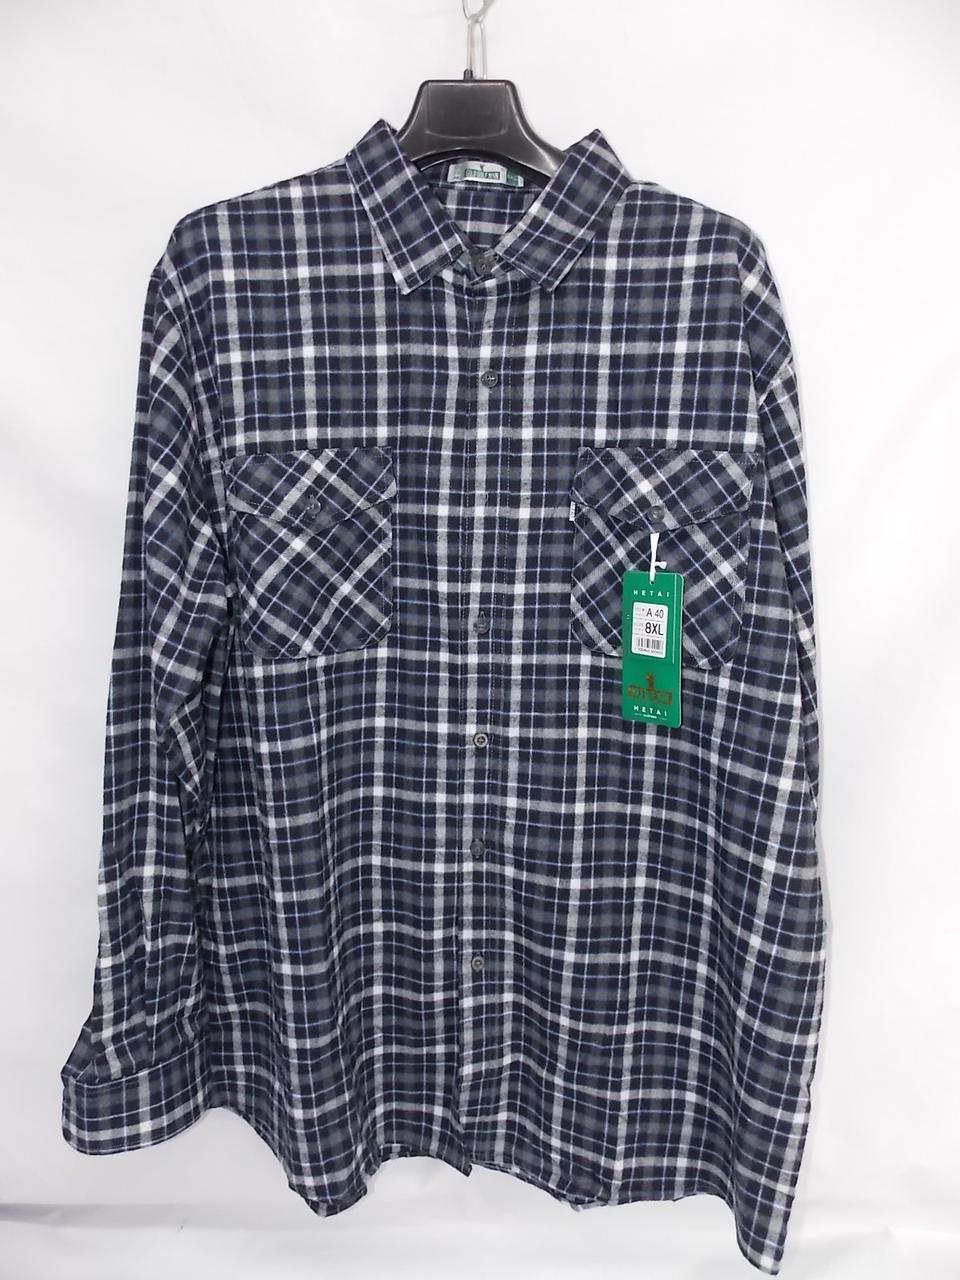 Мужские кашемировые рубашки Батал (длинный рукав) оптом со склада в Одессе